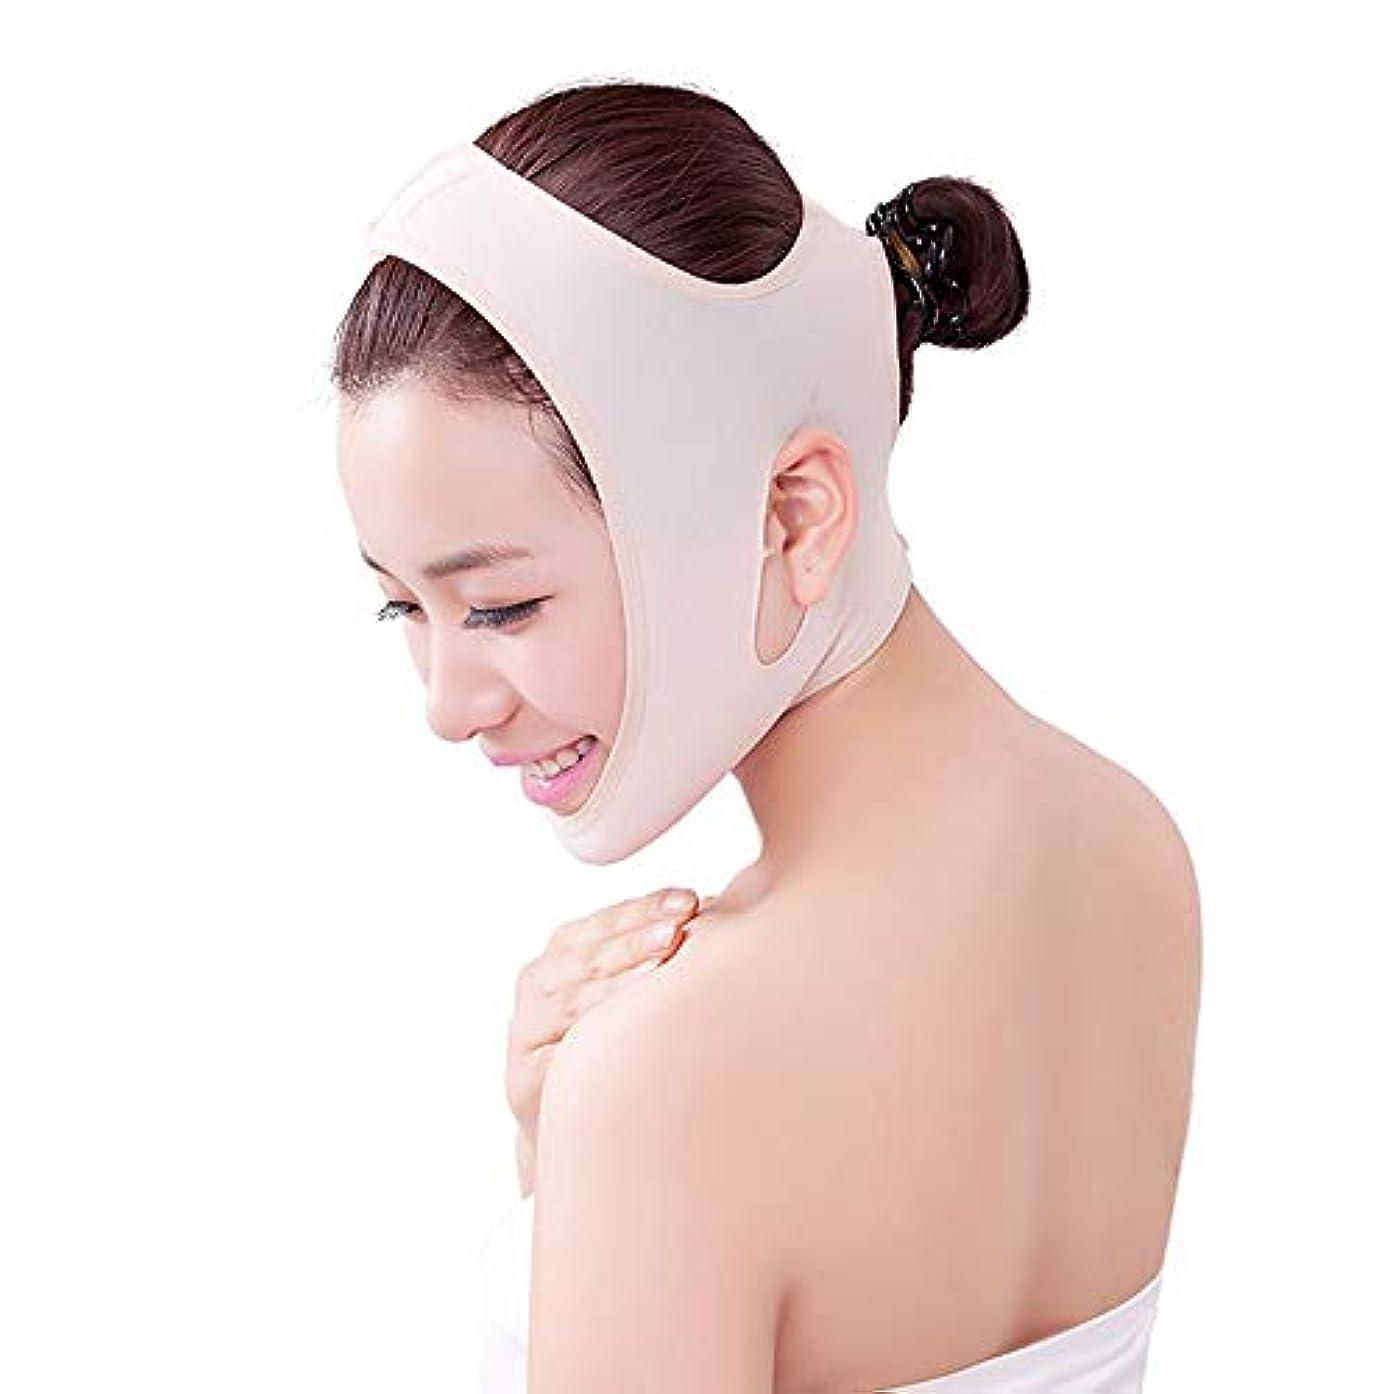 冷蔵する高齢者限りGYZ 顔の持ち上がる痩身ベルト - アンチエイジングリンクルフェイスマスクベルトあなたの顔のためのすばらしい試し二重あごの試し Thin Face Belt (Size : L)